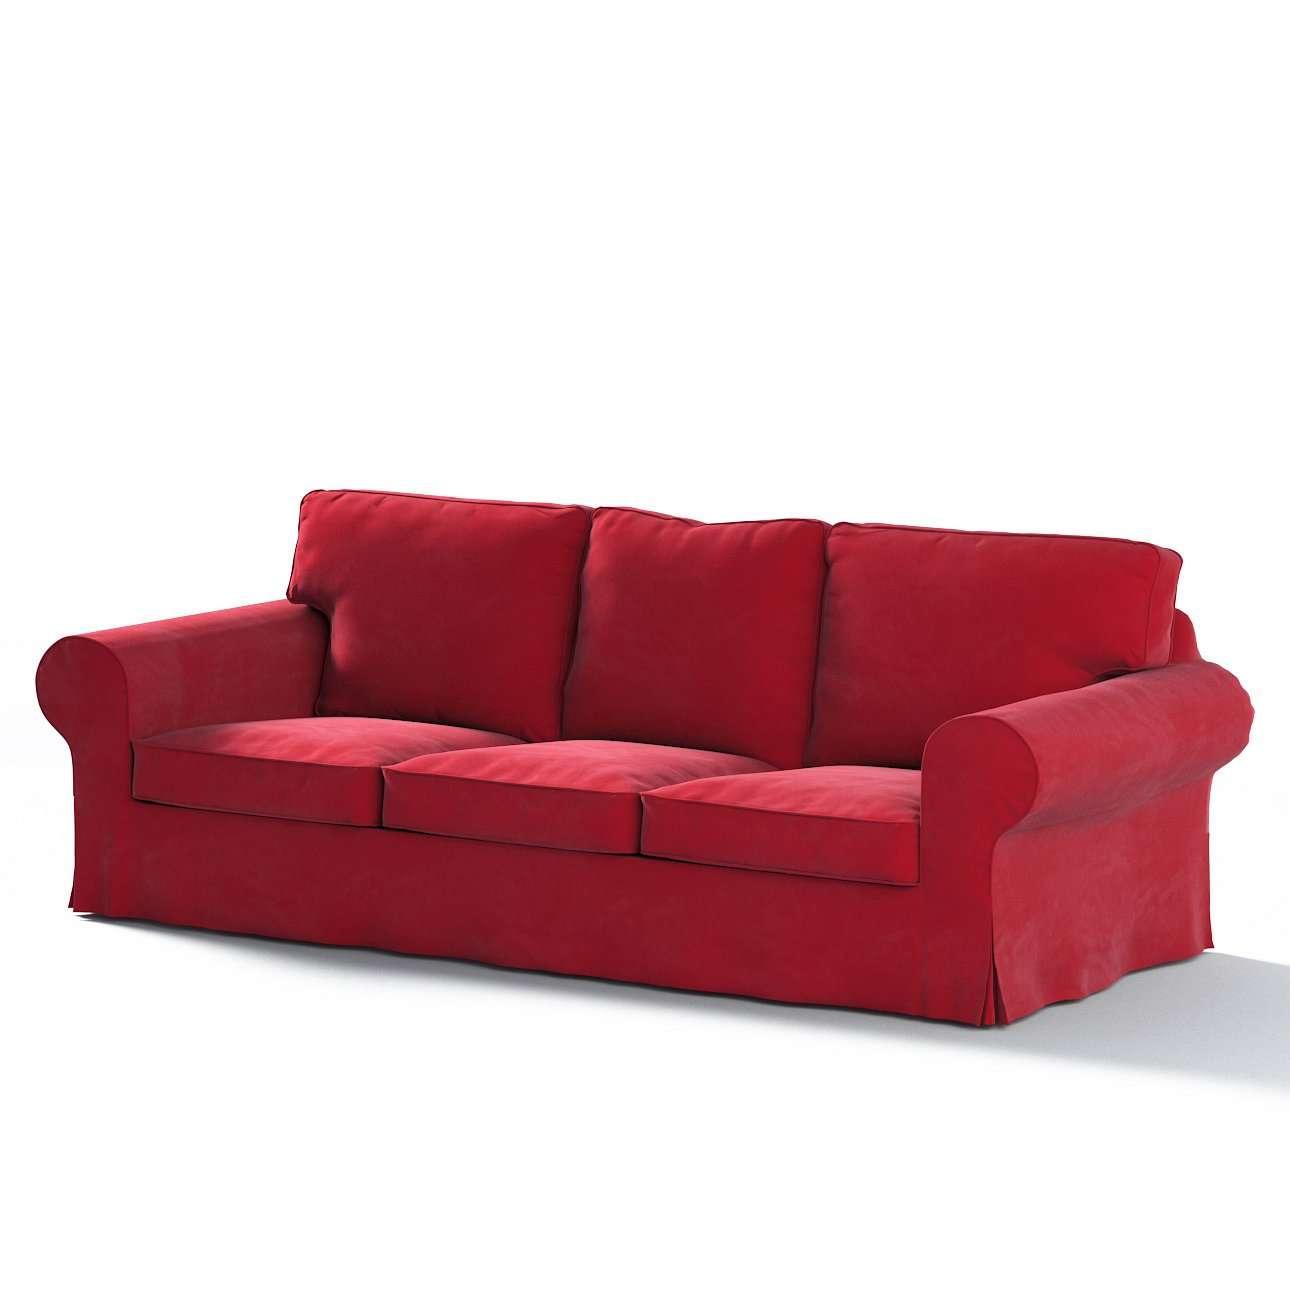 Pokrowiec na sofę Ektorp 3-osobową, rozkładaną, PIXBO w kolekcji Velvet, tkanina: 704-15